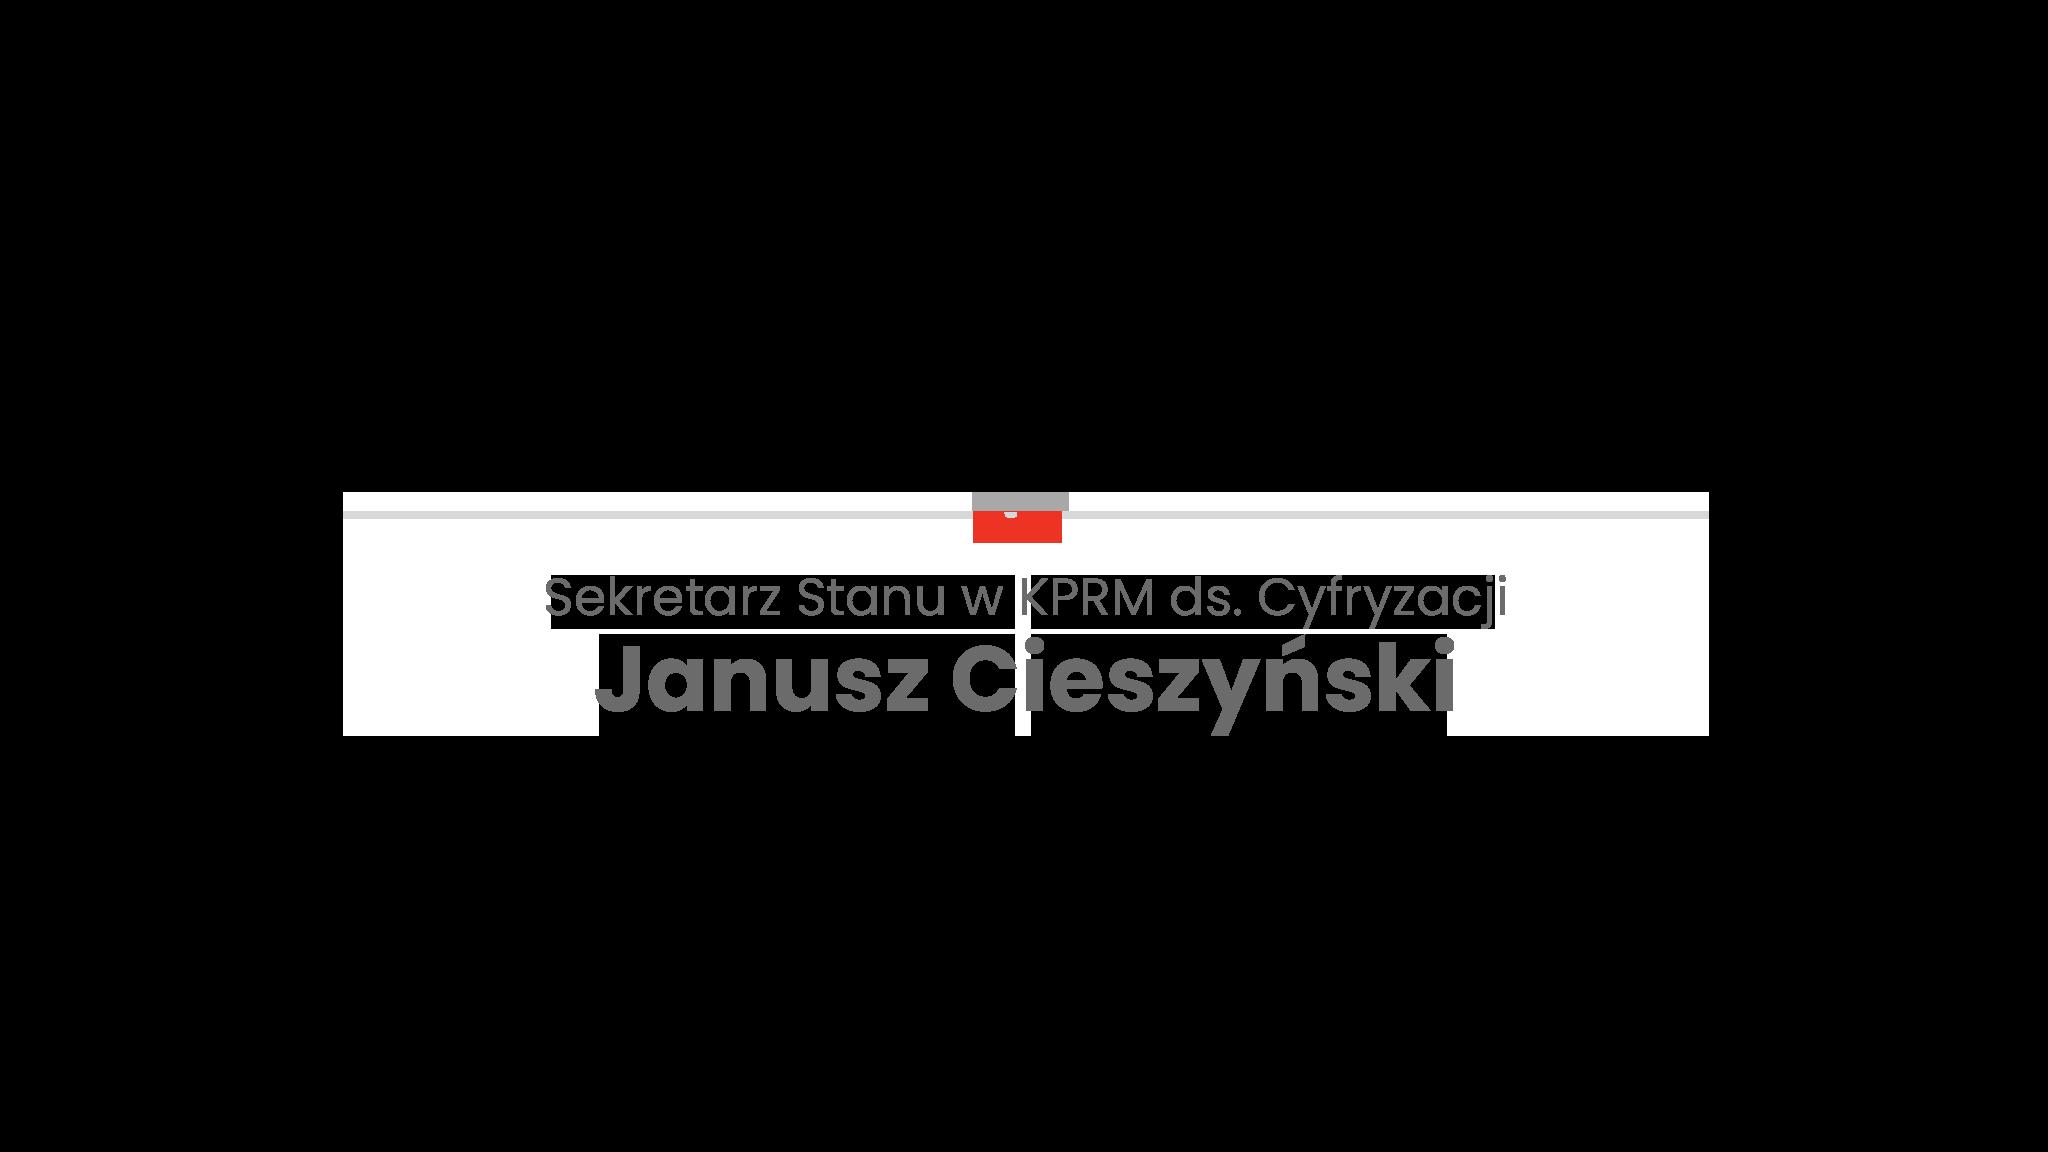 Michał Cieślak